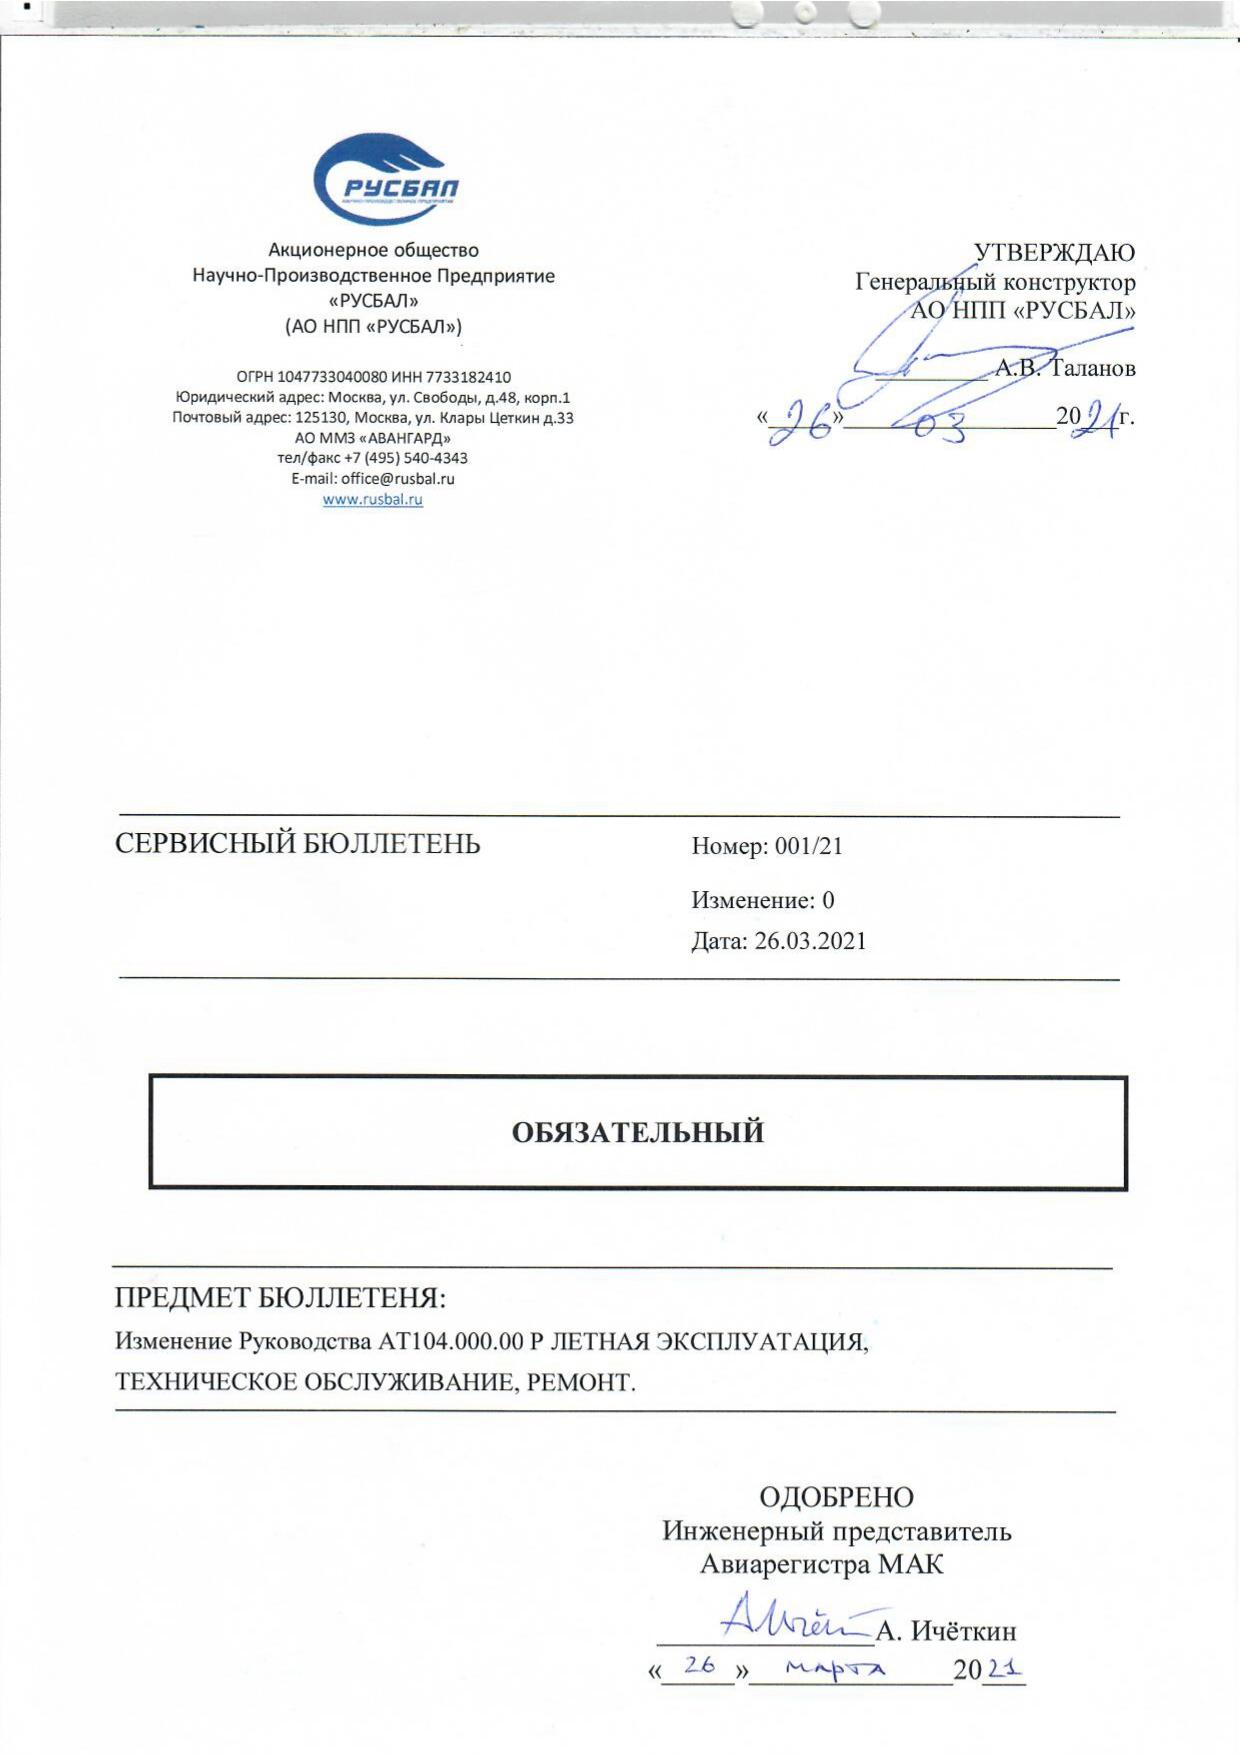 Изменения в Руководстве по летной экплуатации (copy)